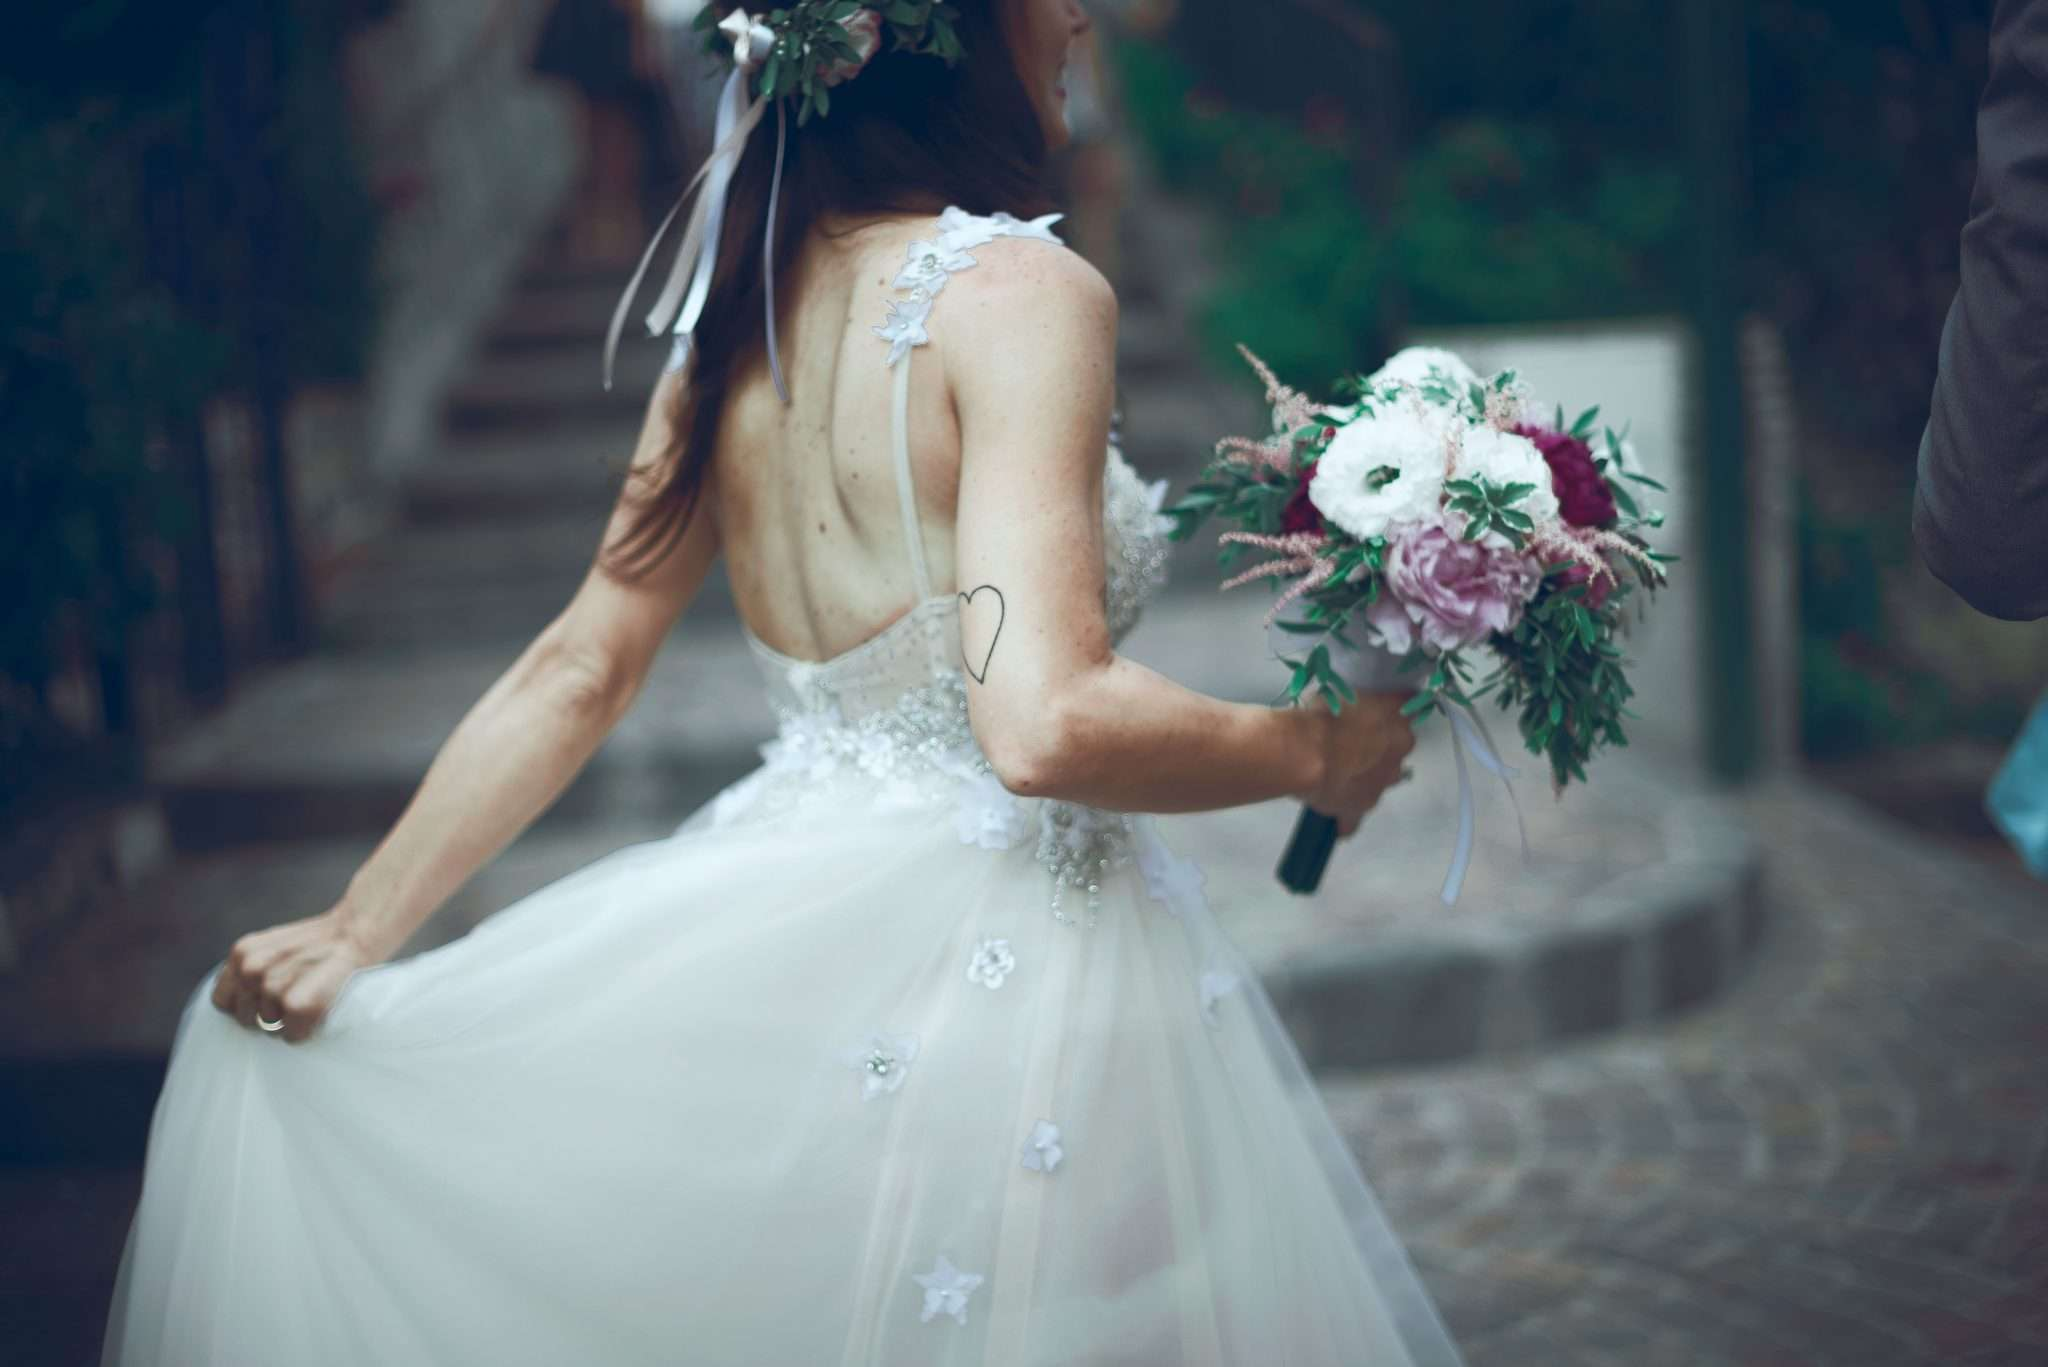 Fotografia sposa wedding reportage Amalfi realizzata da Barbara Trincone fotografa con studio a Pozzuoli - Napoli